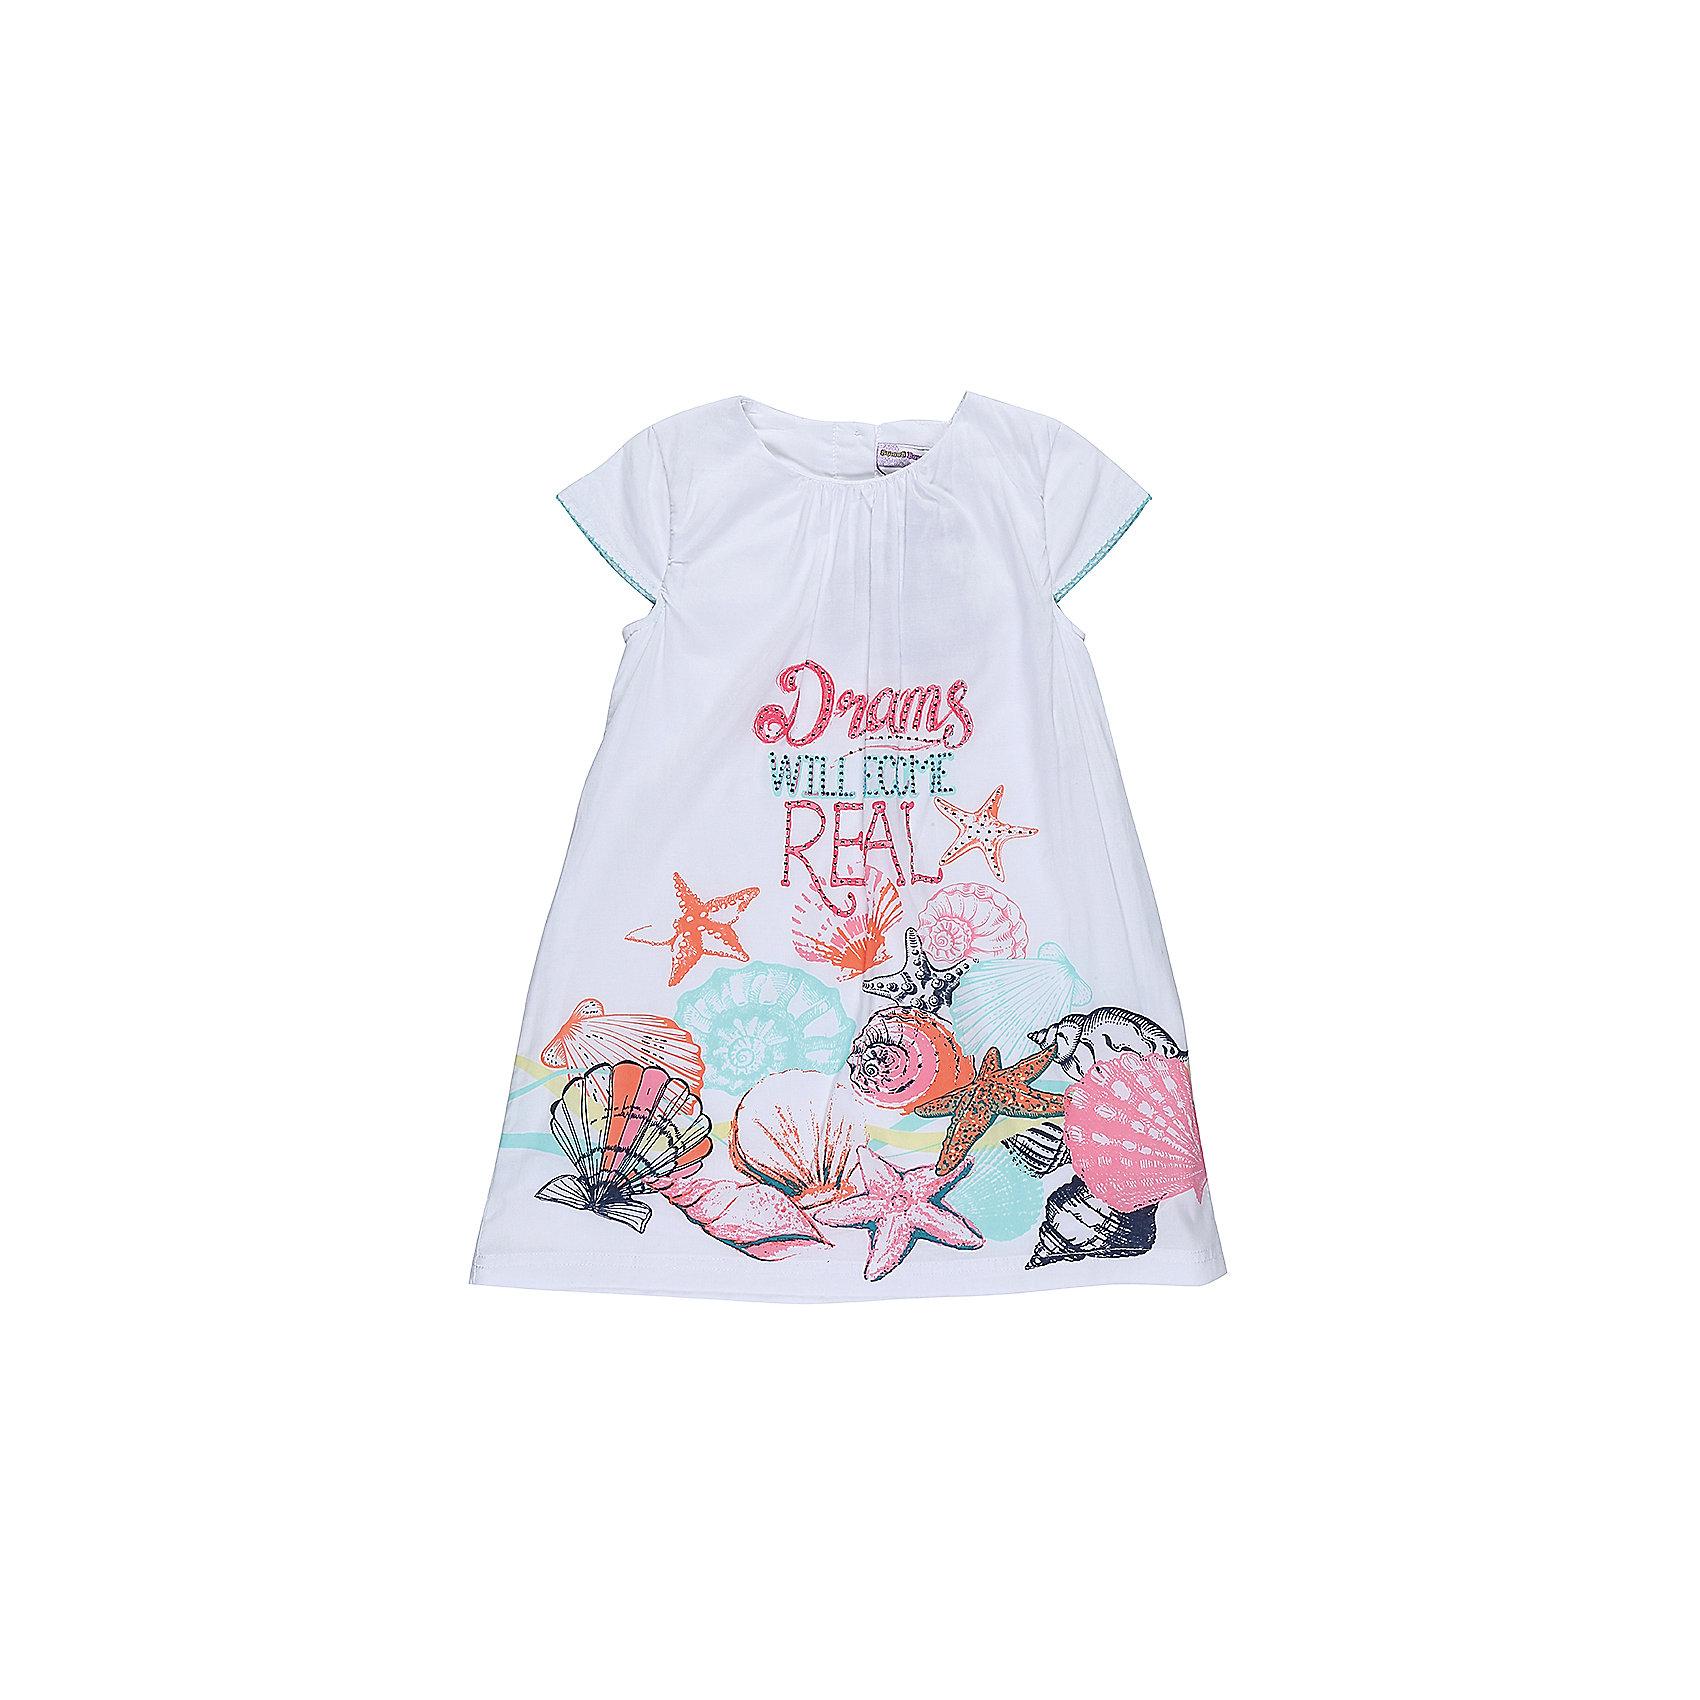 Платье для девочки Sweet BerryПлатья и сарафаны<br>Легкое, хлопковое платье для девочки свободного кроя. Декарированно оригинальным принтом. Застегивается на пуговки на спинке.<br>Состав:<br>Верх: 100% хлопок, Подкладка: 100%хлопок<br><br>Ширина мм: 236<br>Глубина мм: 16<br>Высота мм: 184<br>Вес г: 177<br>Цвет: белый<br>Возраст от месяцев: 36<br>Возраст до месяцев: 48<br>Пол: Женский<br>Возраст: Детский<br>Размер: 104,98,110,116,122,128<br>SKU: 5412762